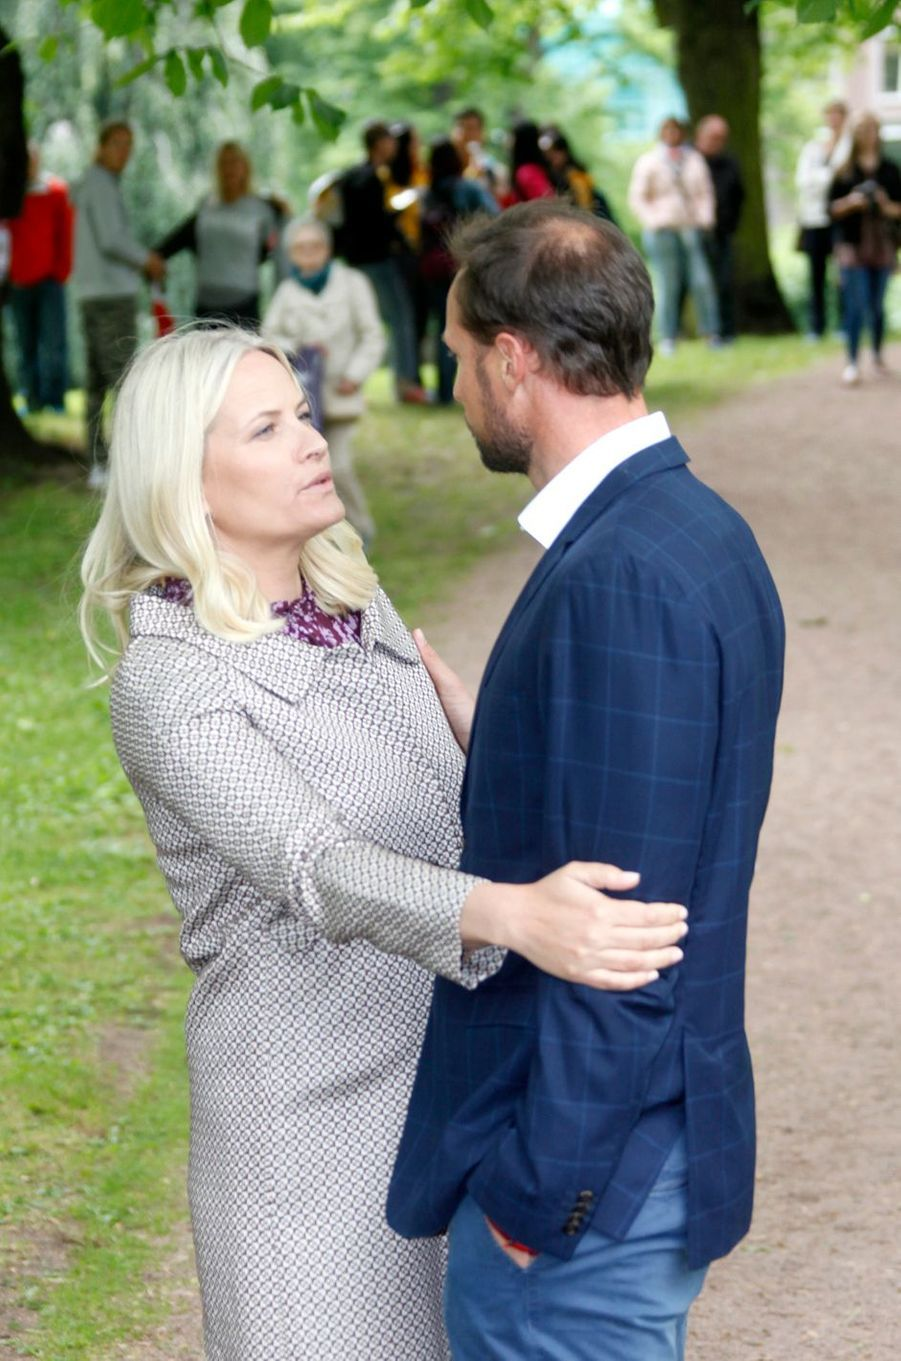 La princesse Mette-Marit et le prince Haakon de Norvège à Oslo, le 20 juin 2016